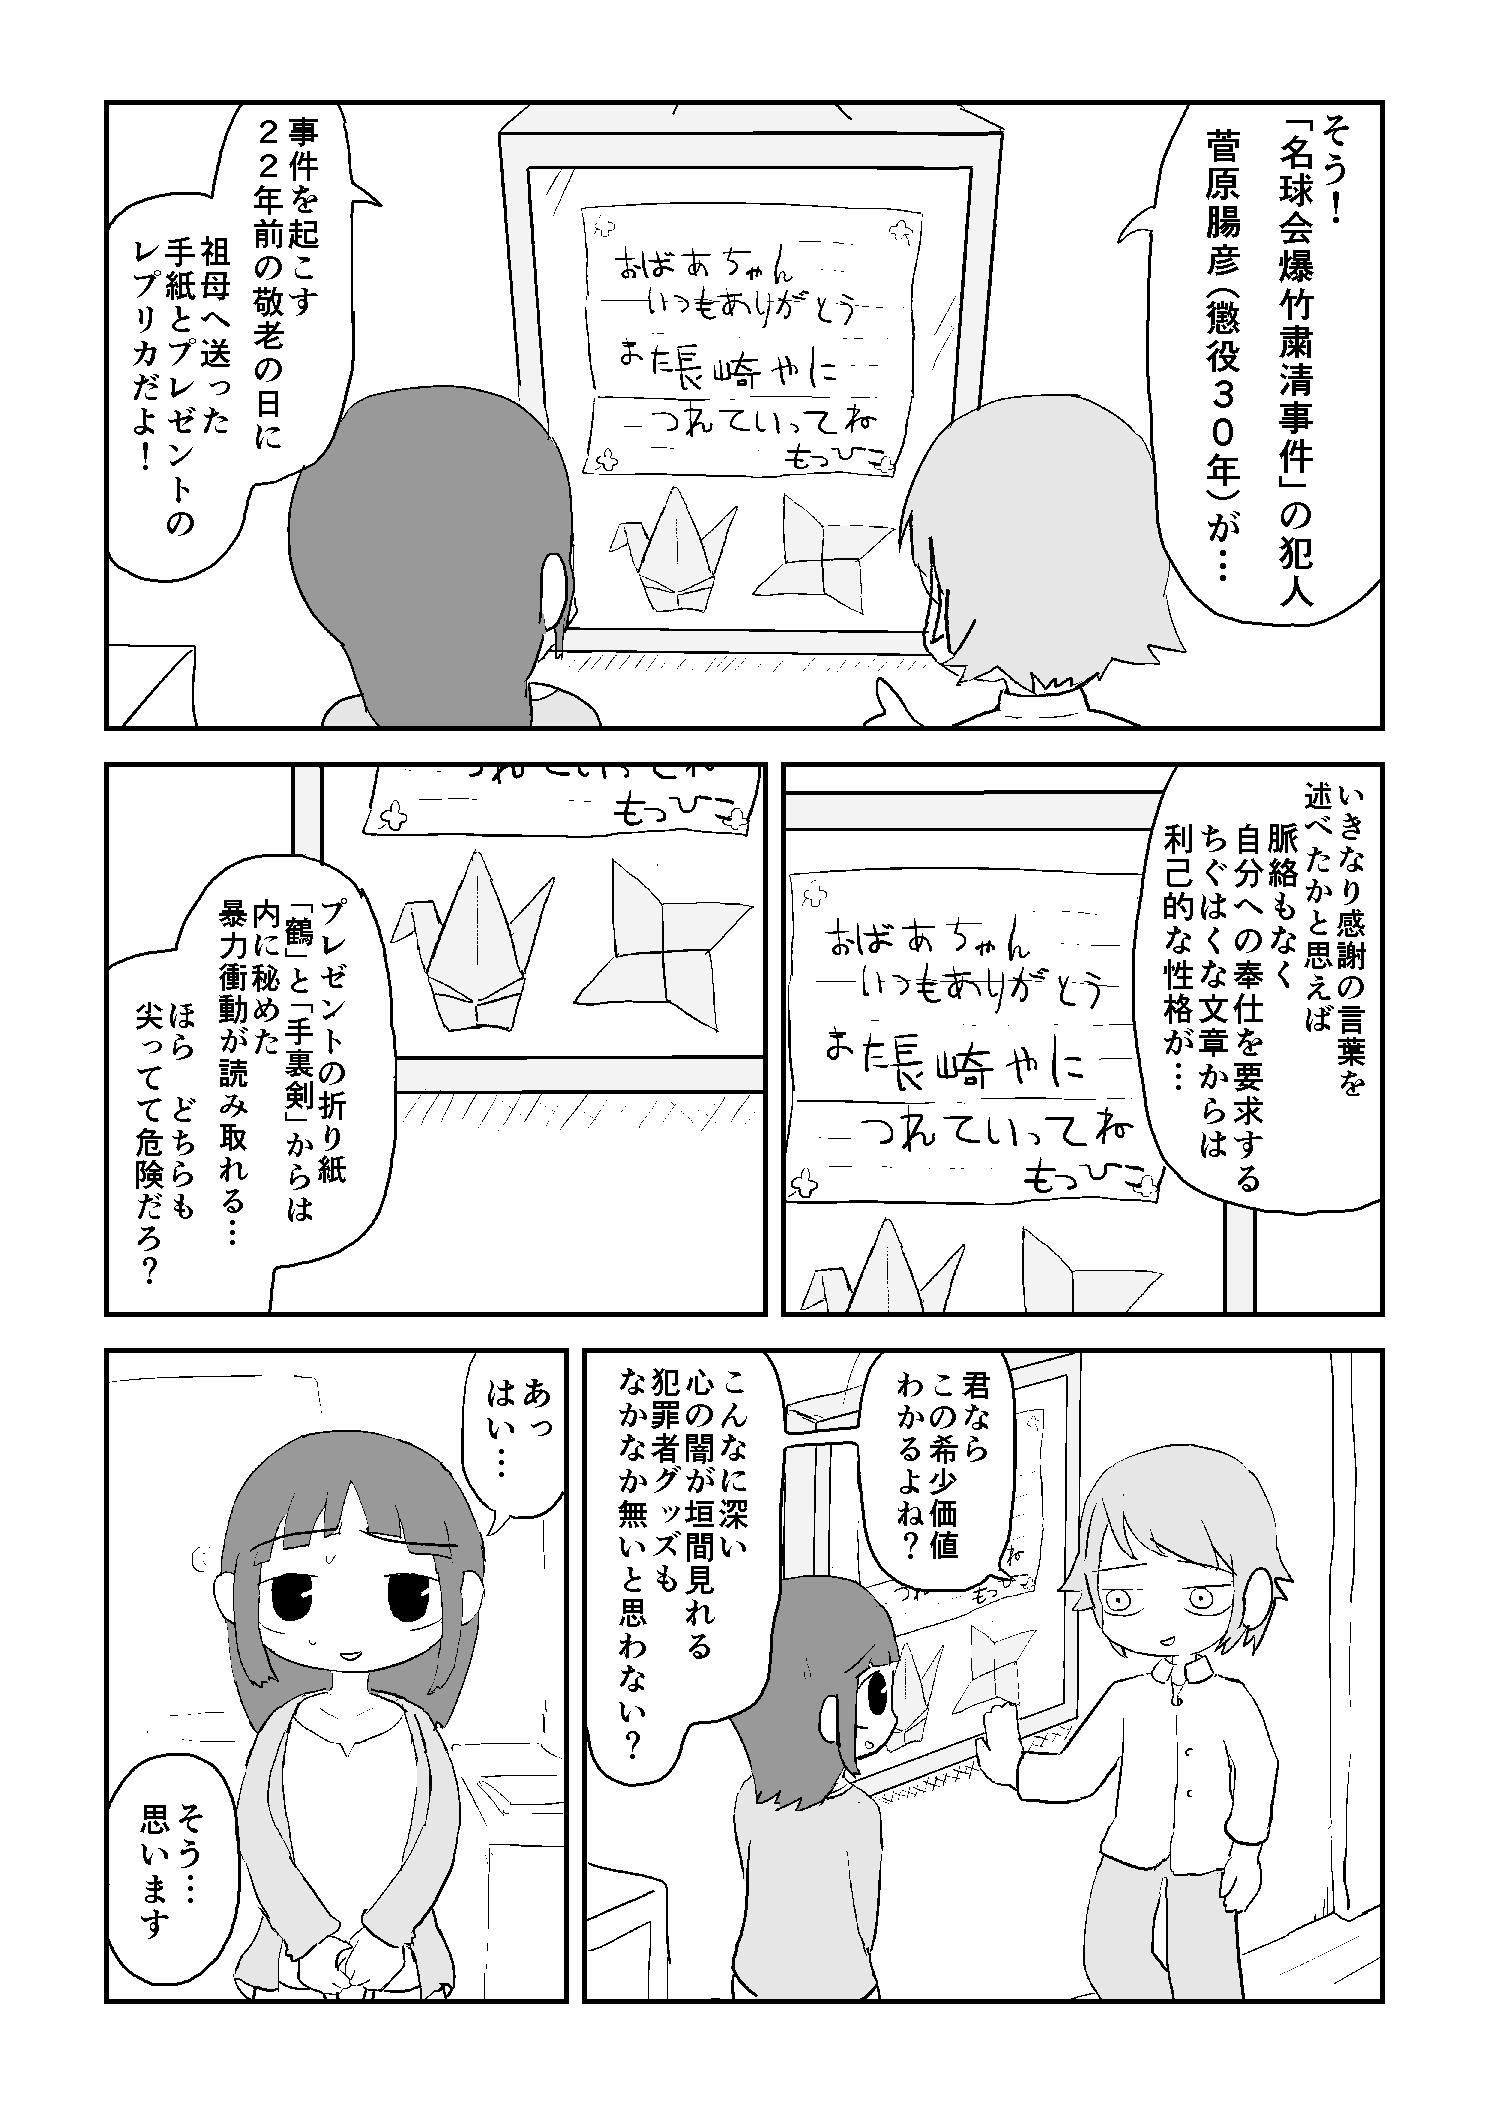 犯罪者消費者_002